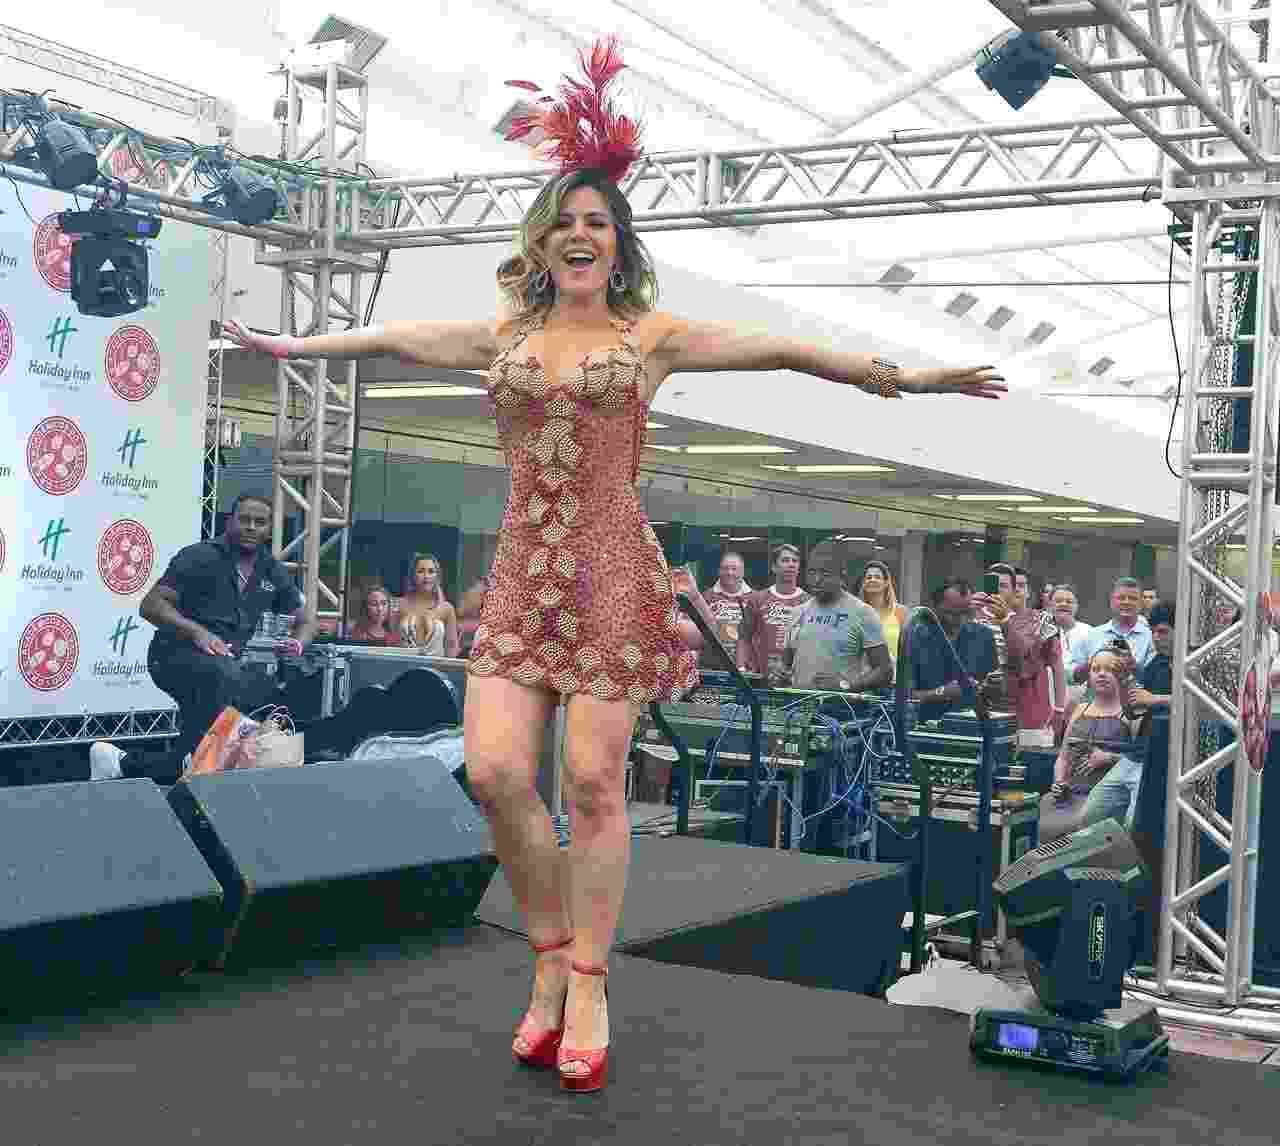 Tânia Oliveira samba na Feijoada do Salgueiro, na tarde de domingo (22), em São Paulo - Francisco Cepeda/AgNews